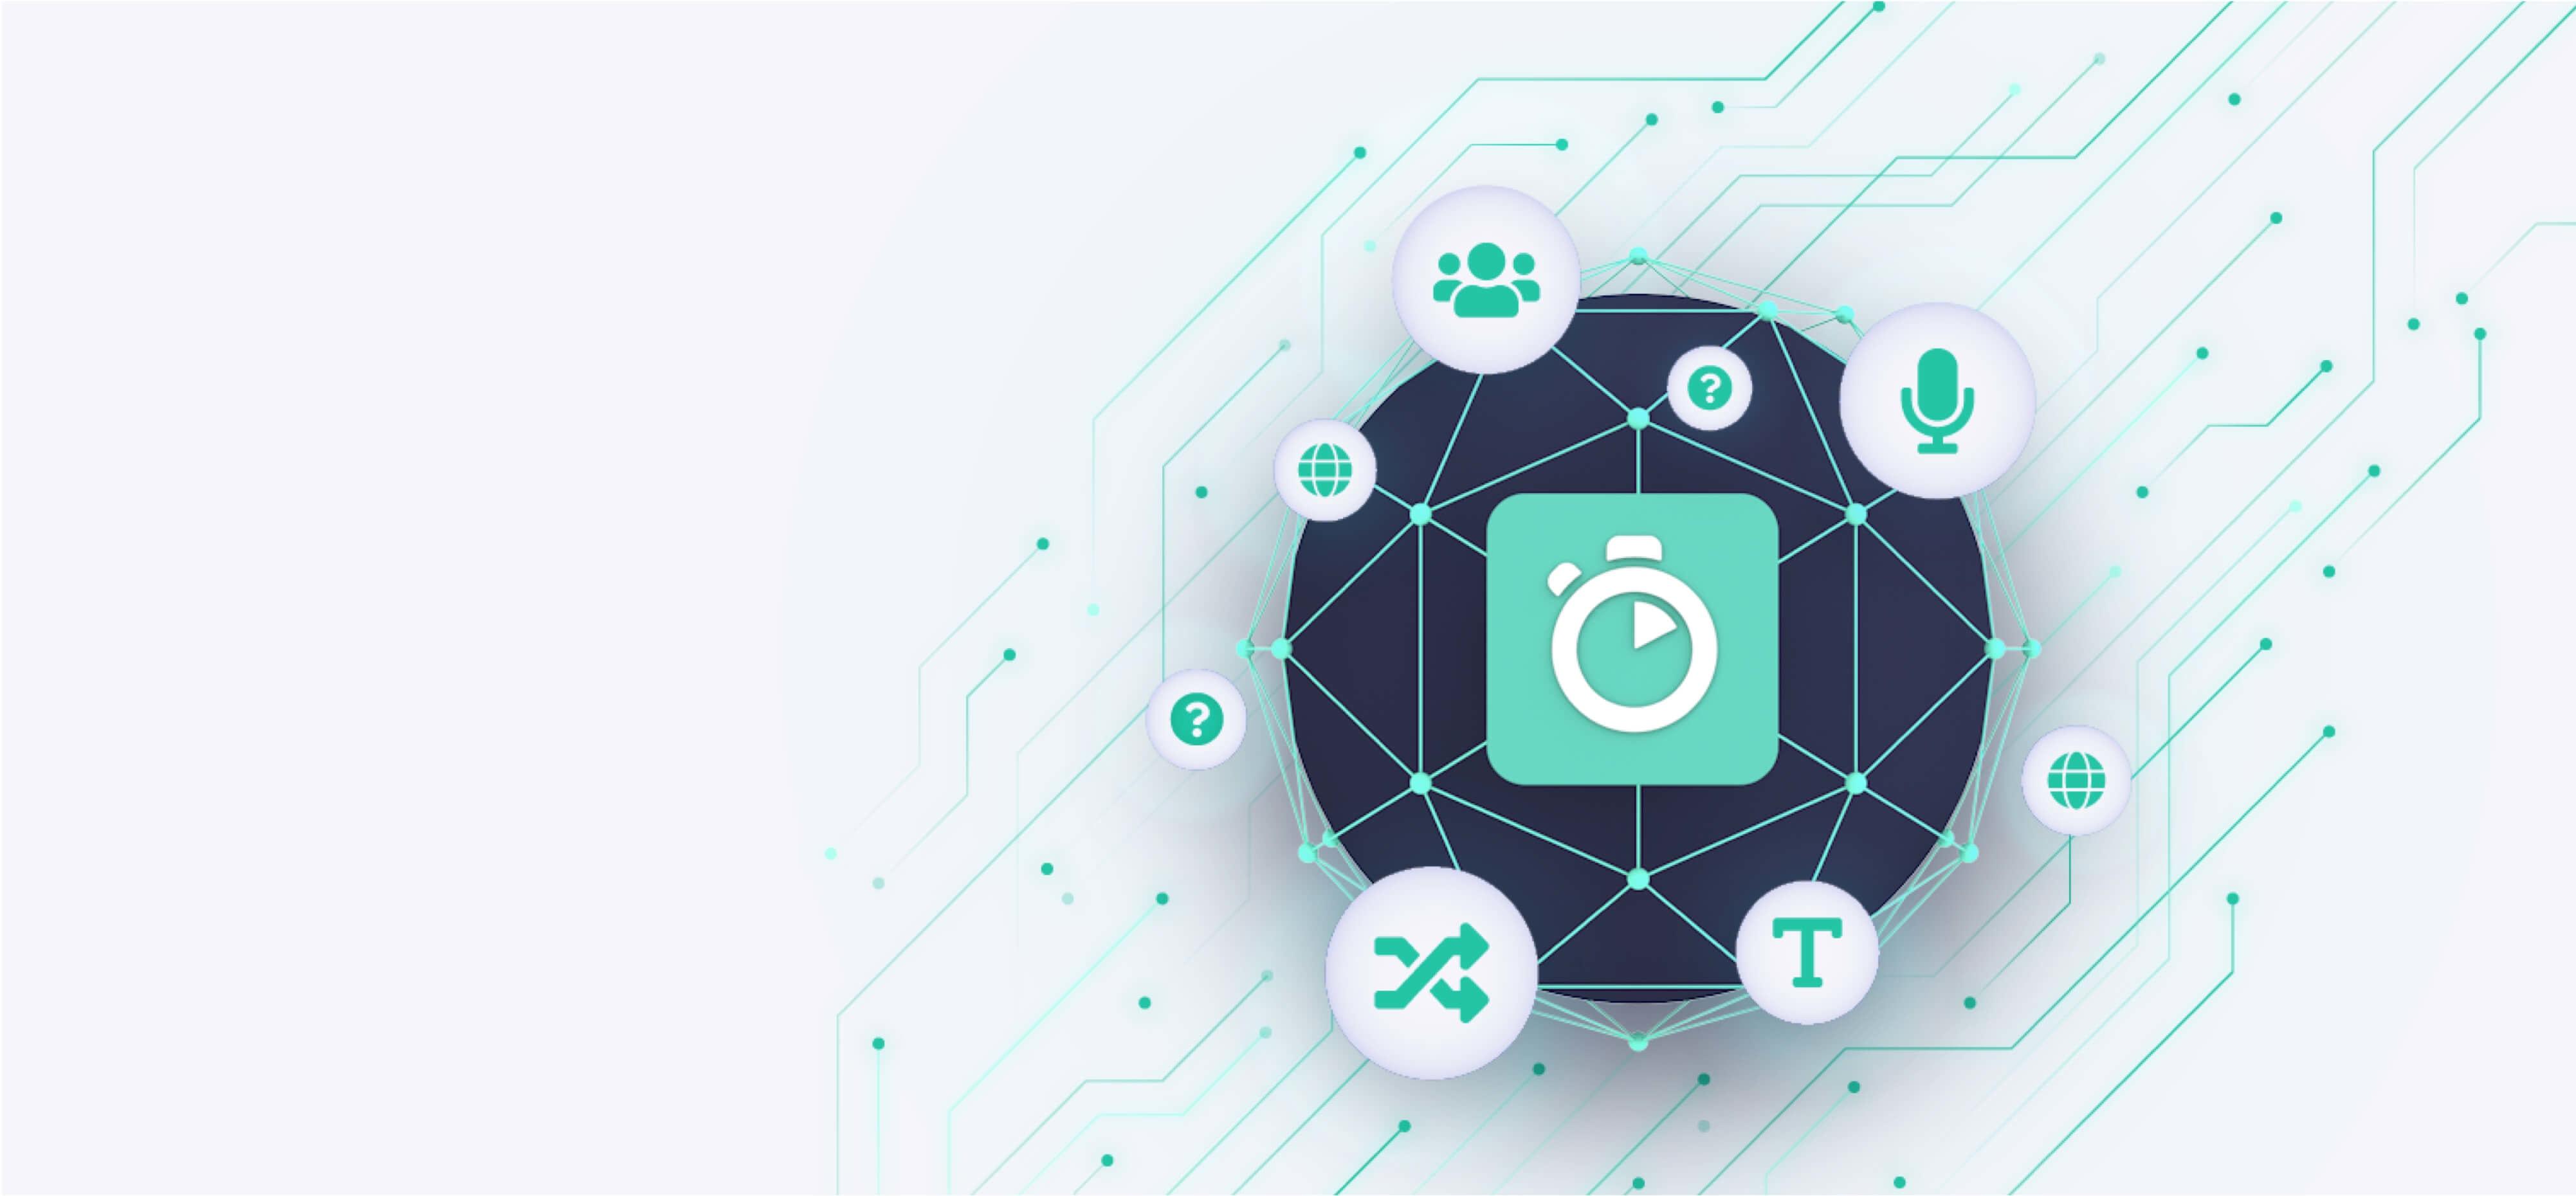 AI sphere